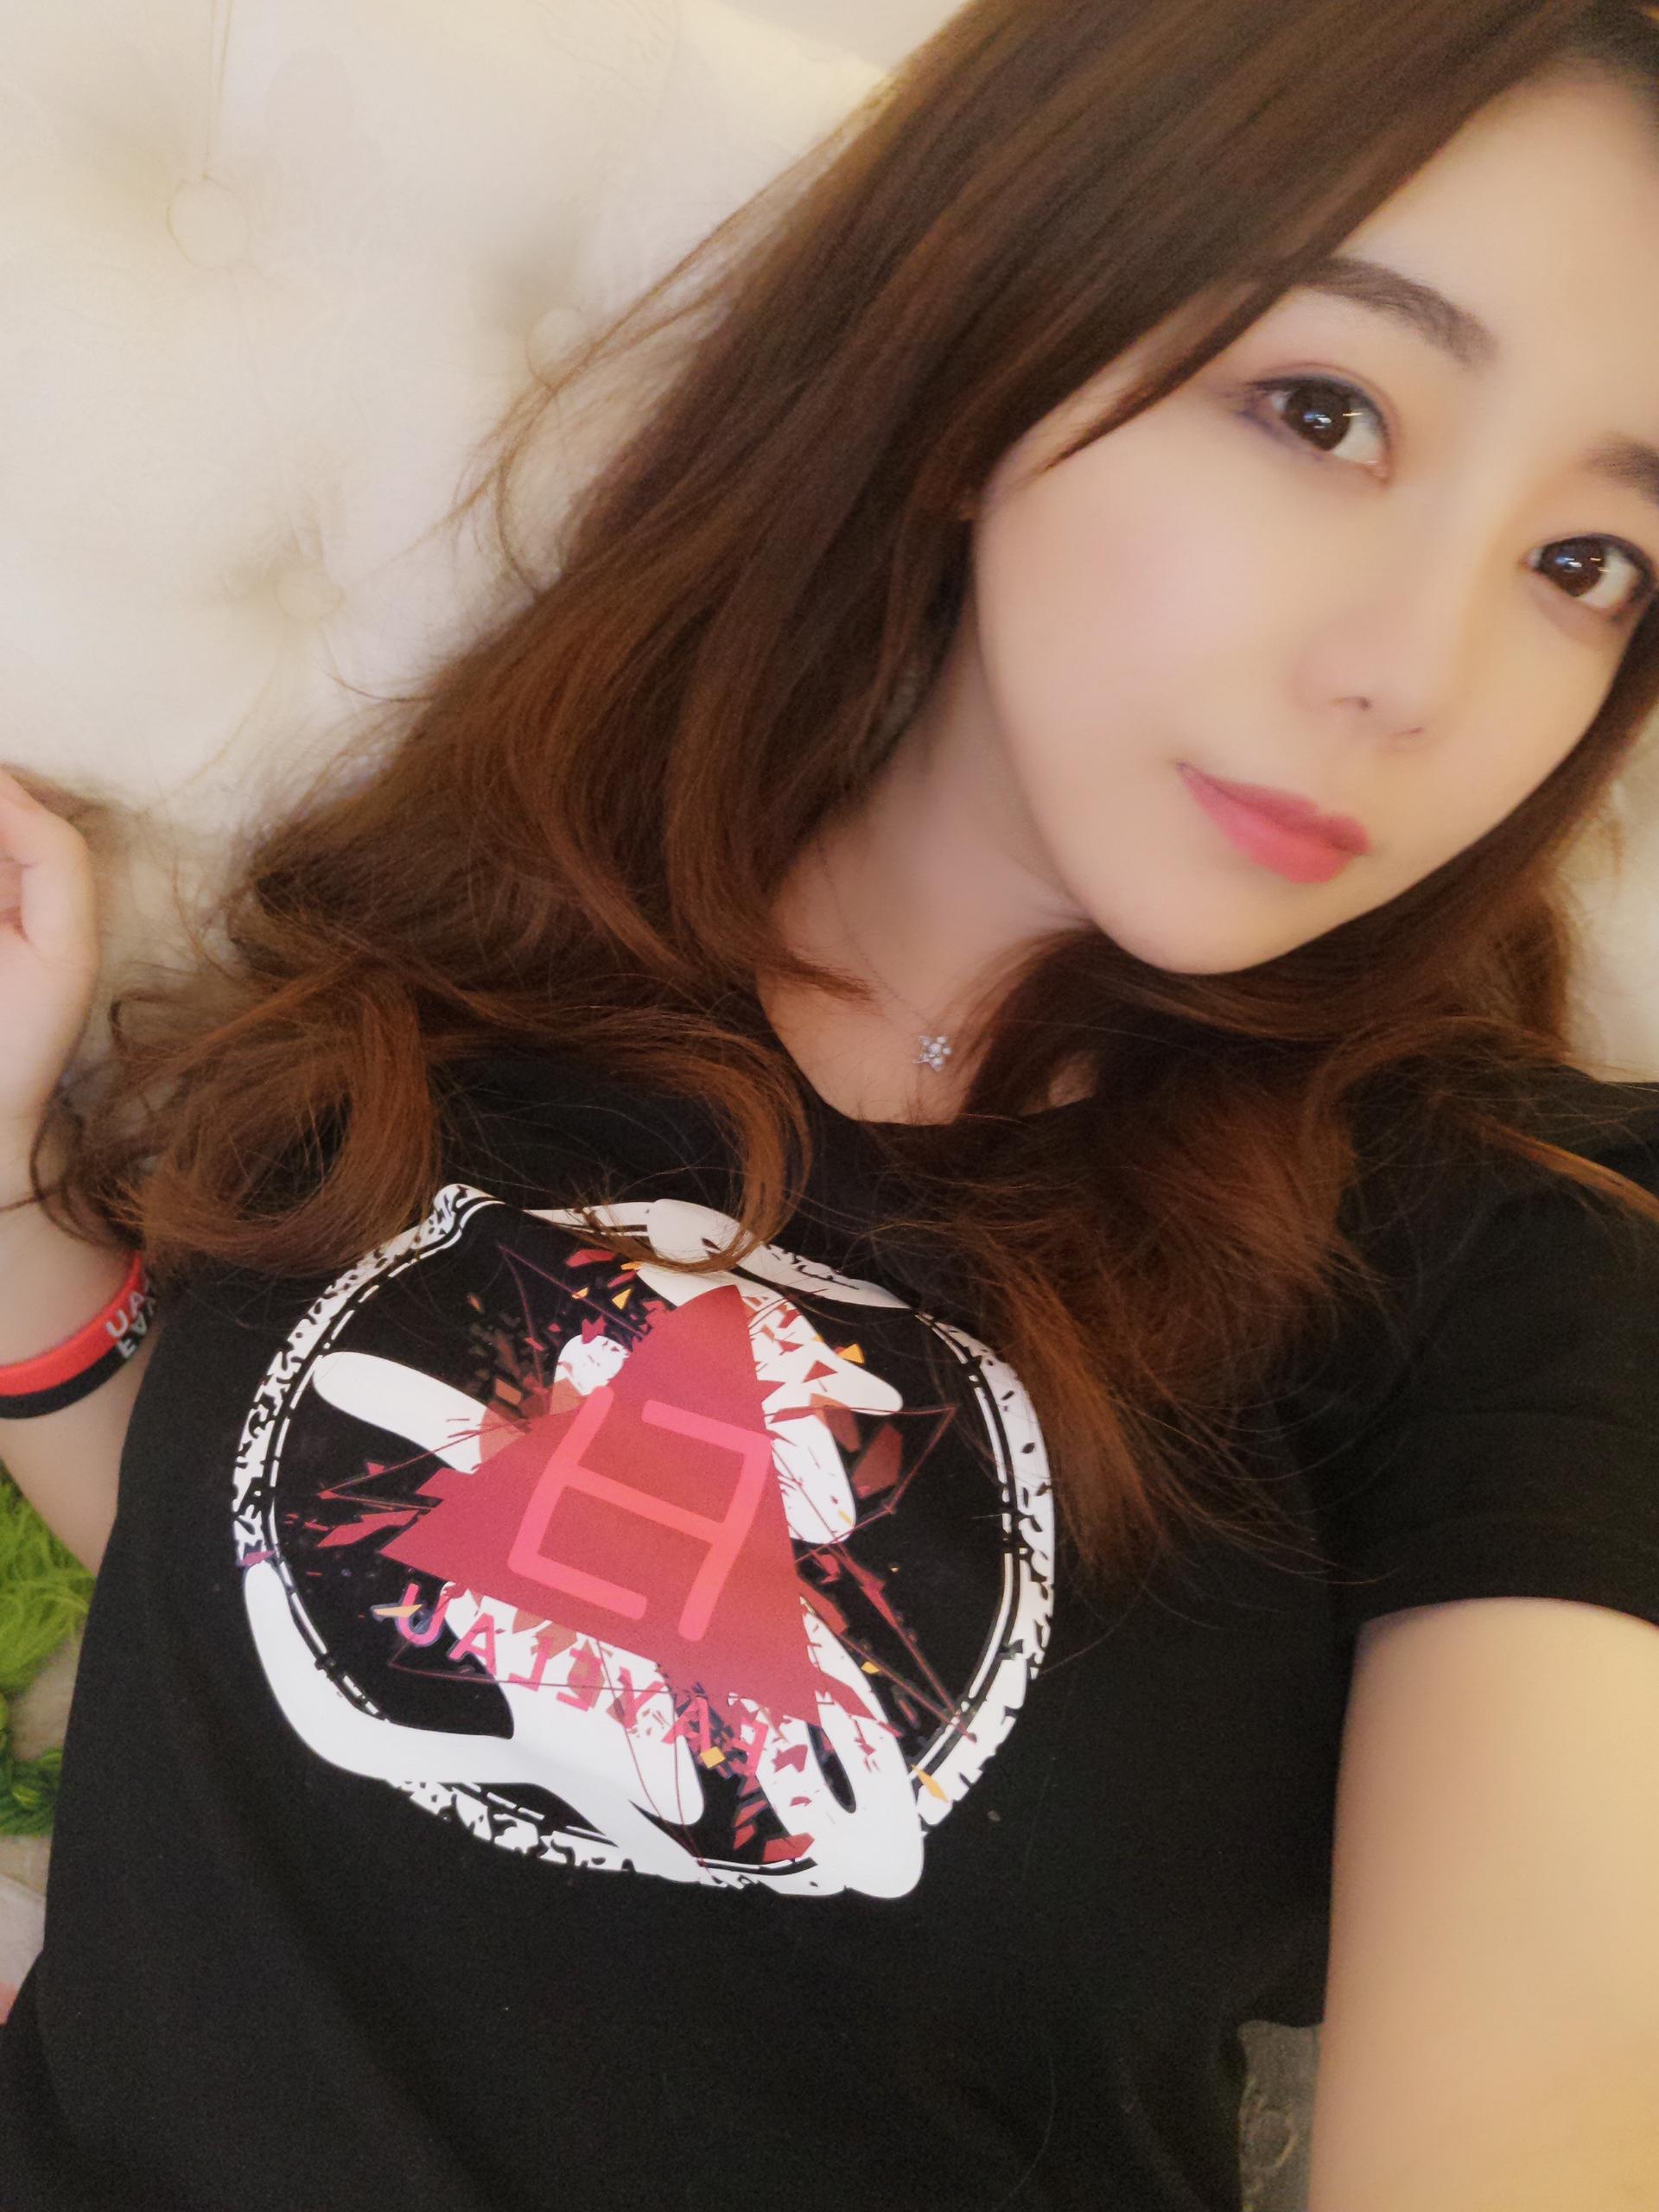 刘飞儿Faye葵 ✖️ FAYELAU 纪念款T恤做好了_美女福利图片